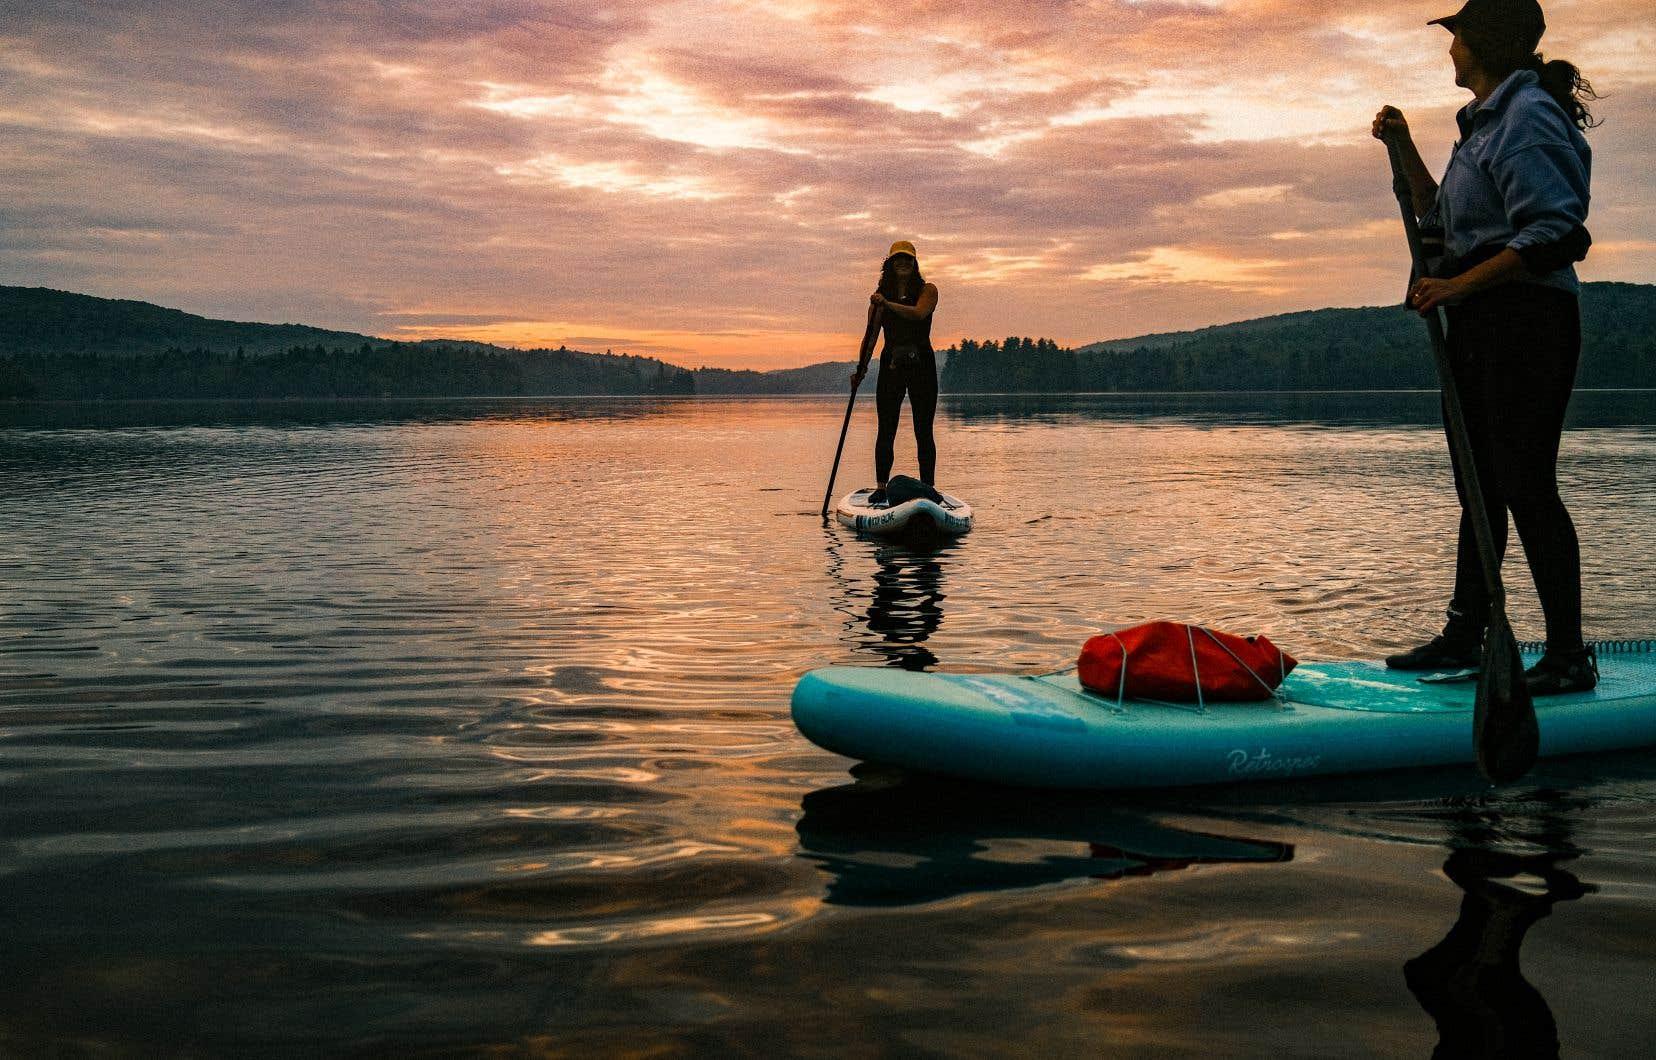 L'entreprise Ô Pagaie offre notamment des excursions pour s'initier à la planche à pagaie et pagayer au coucher du soleil.